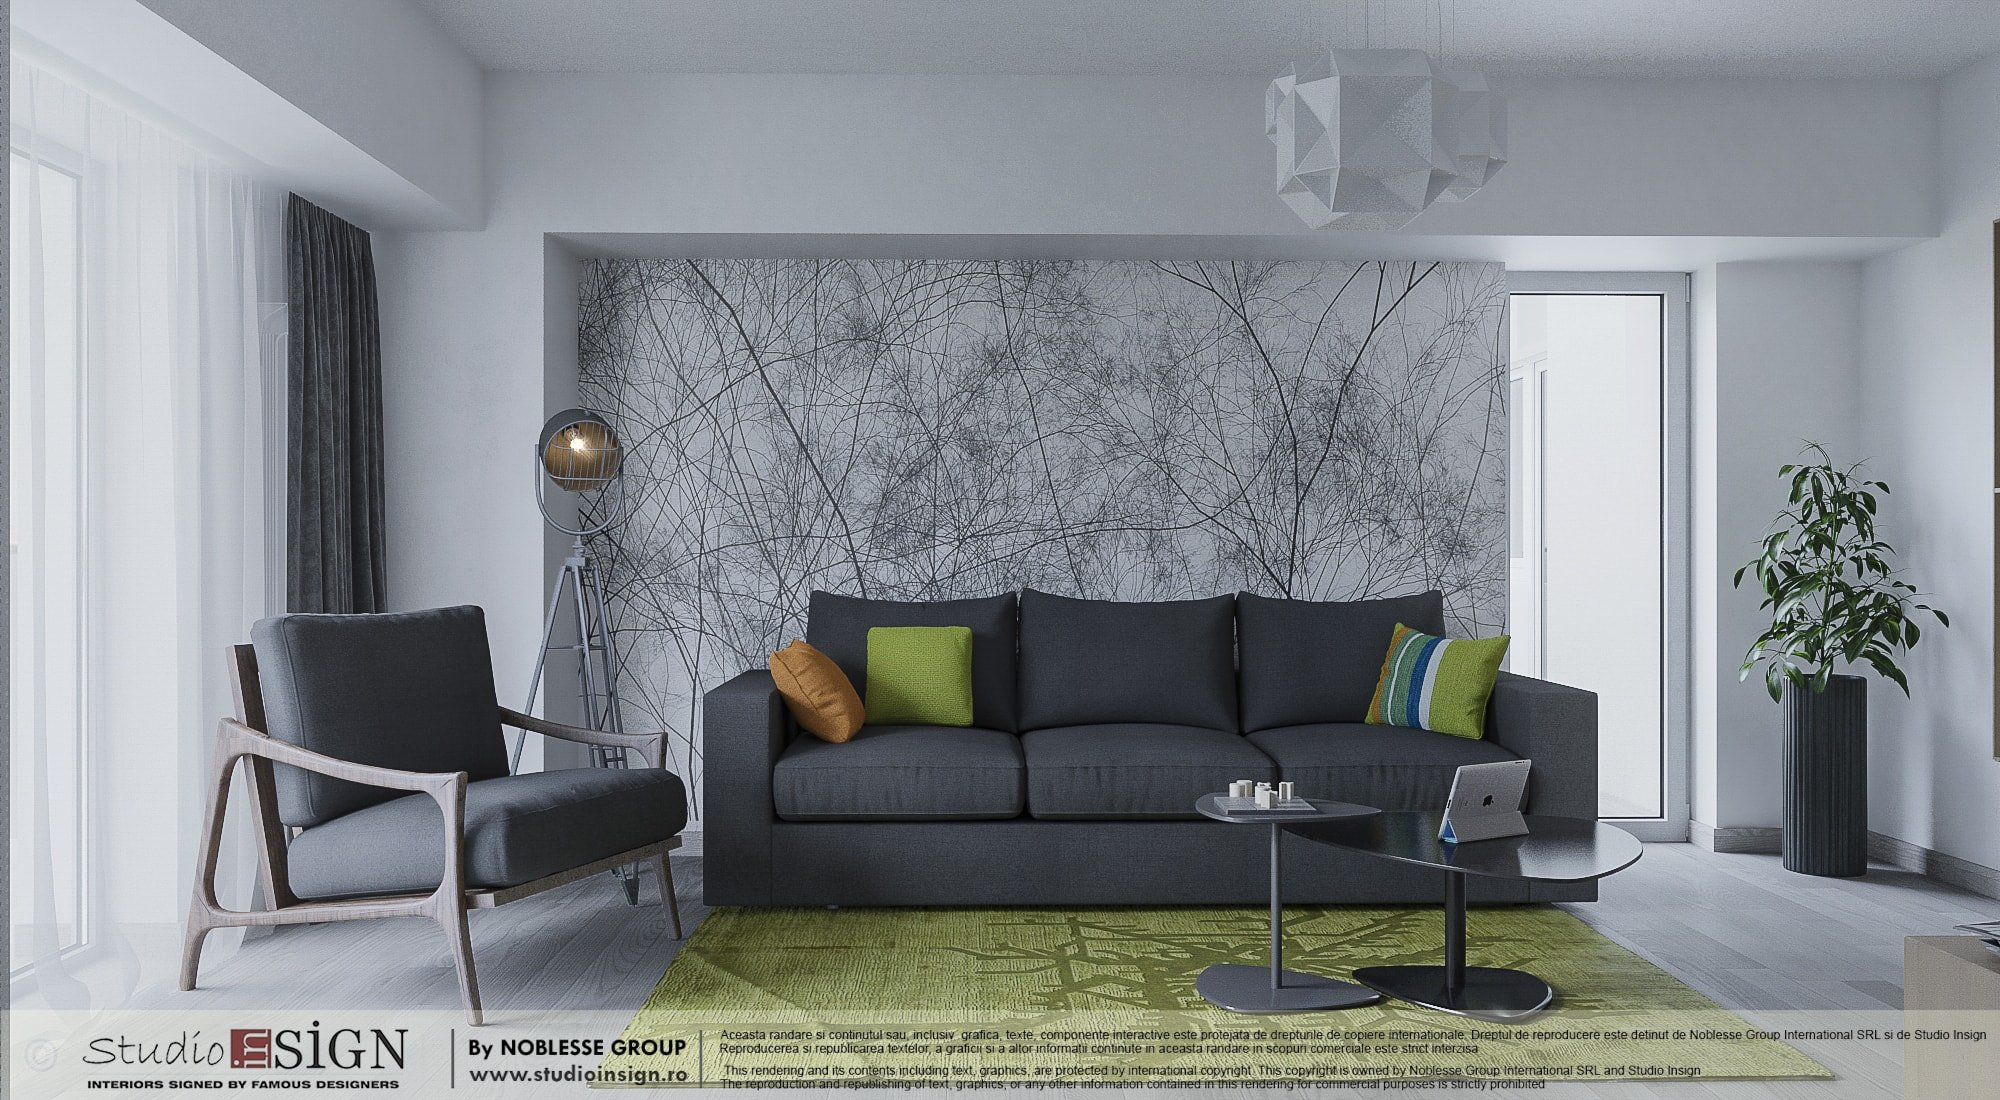 Interior design pictures of